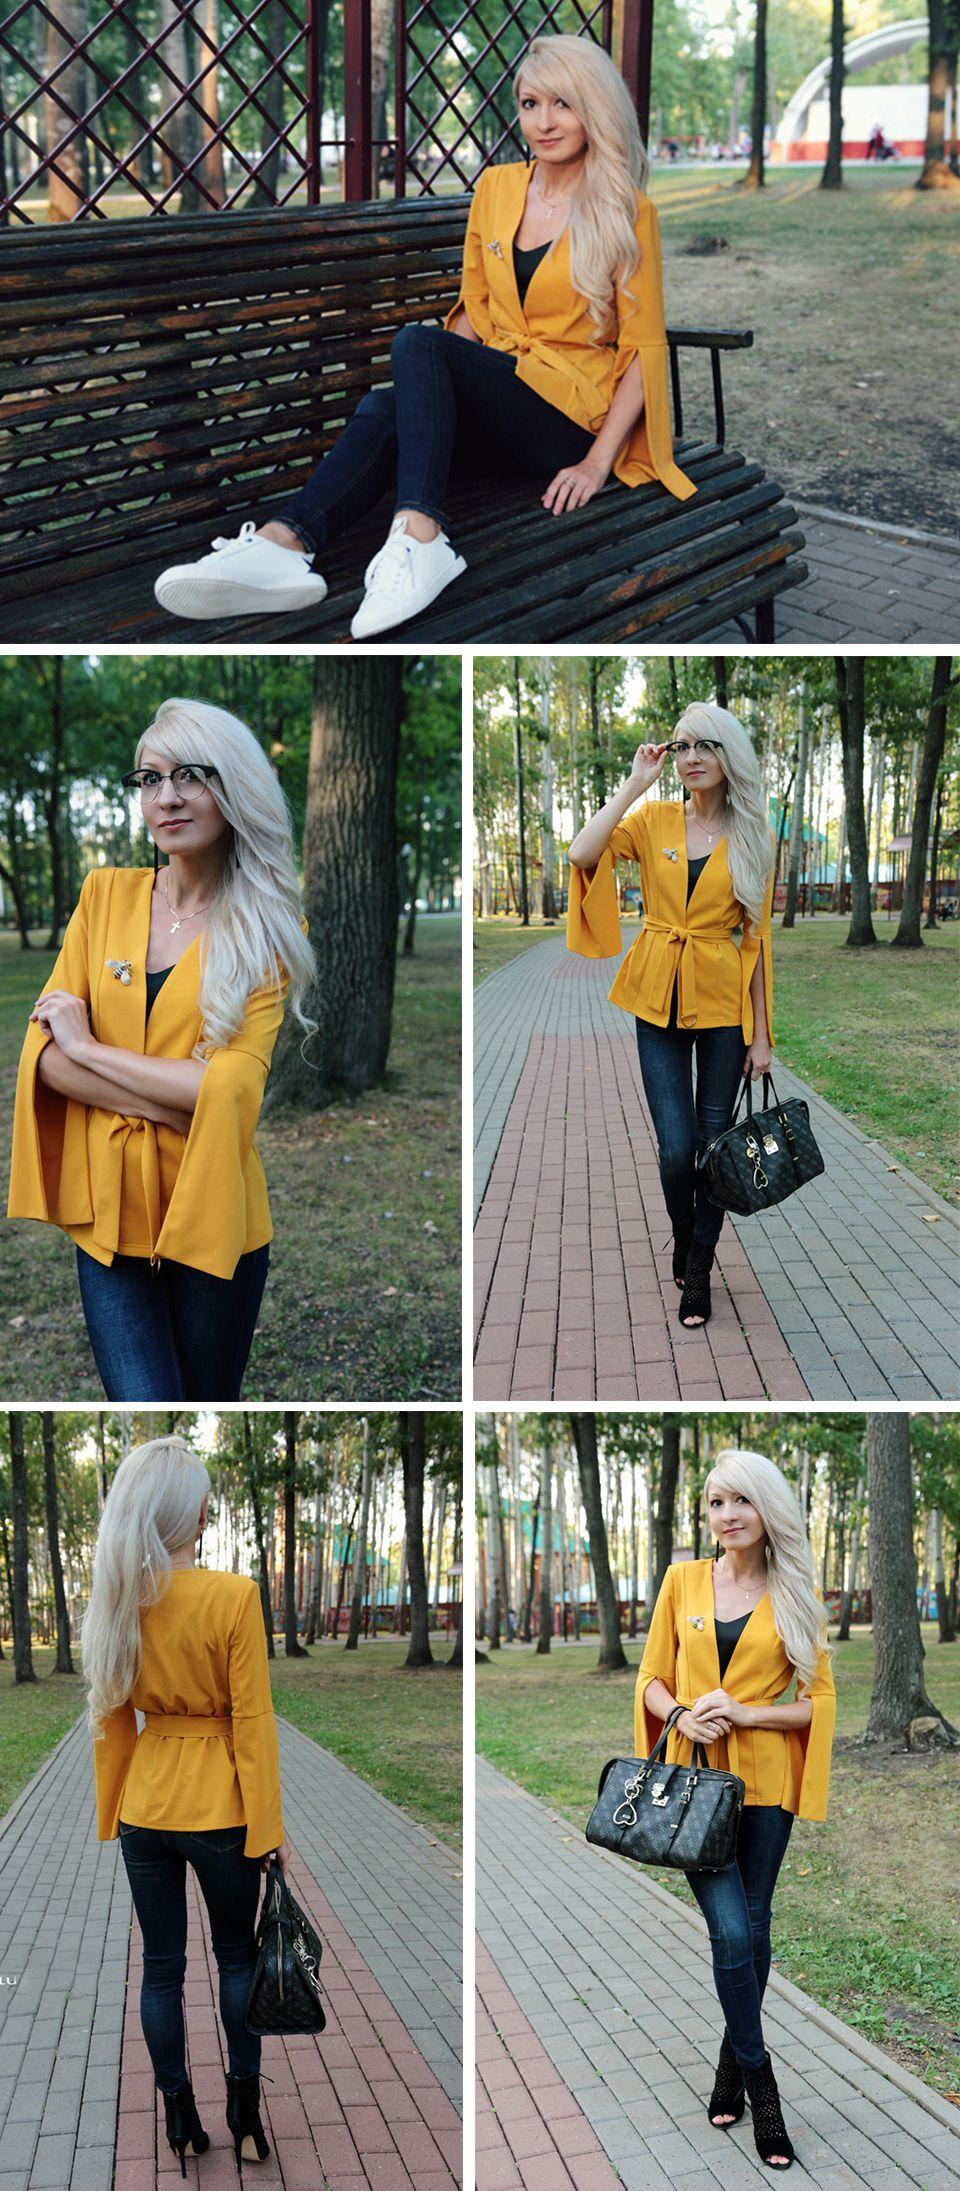 b9074fc303 SHEIN Yellow Split Sleeve Belted Outerwear Office Ladies Long Sleeve Plain  Wrap Workwear Blazer Women Autumn Elegant Coat #Women #Fashion #Beauty # Blazer # ...